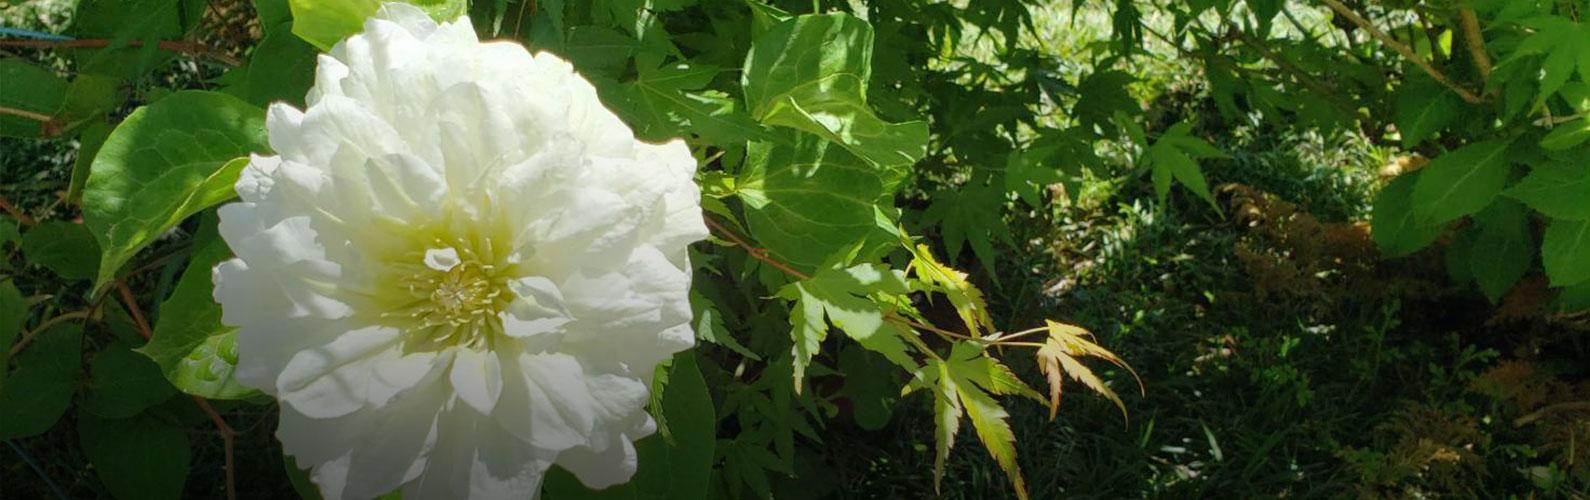 熊本 花園 佛願寺「供養のご案内」イメージ画像